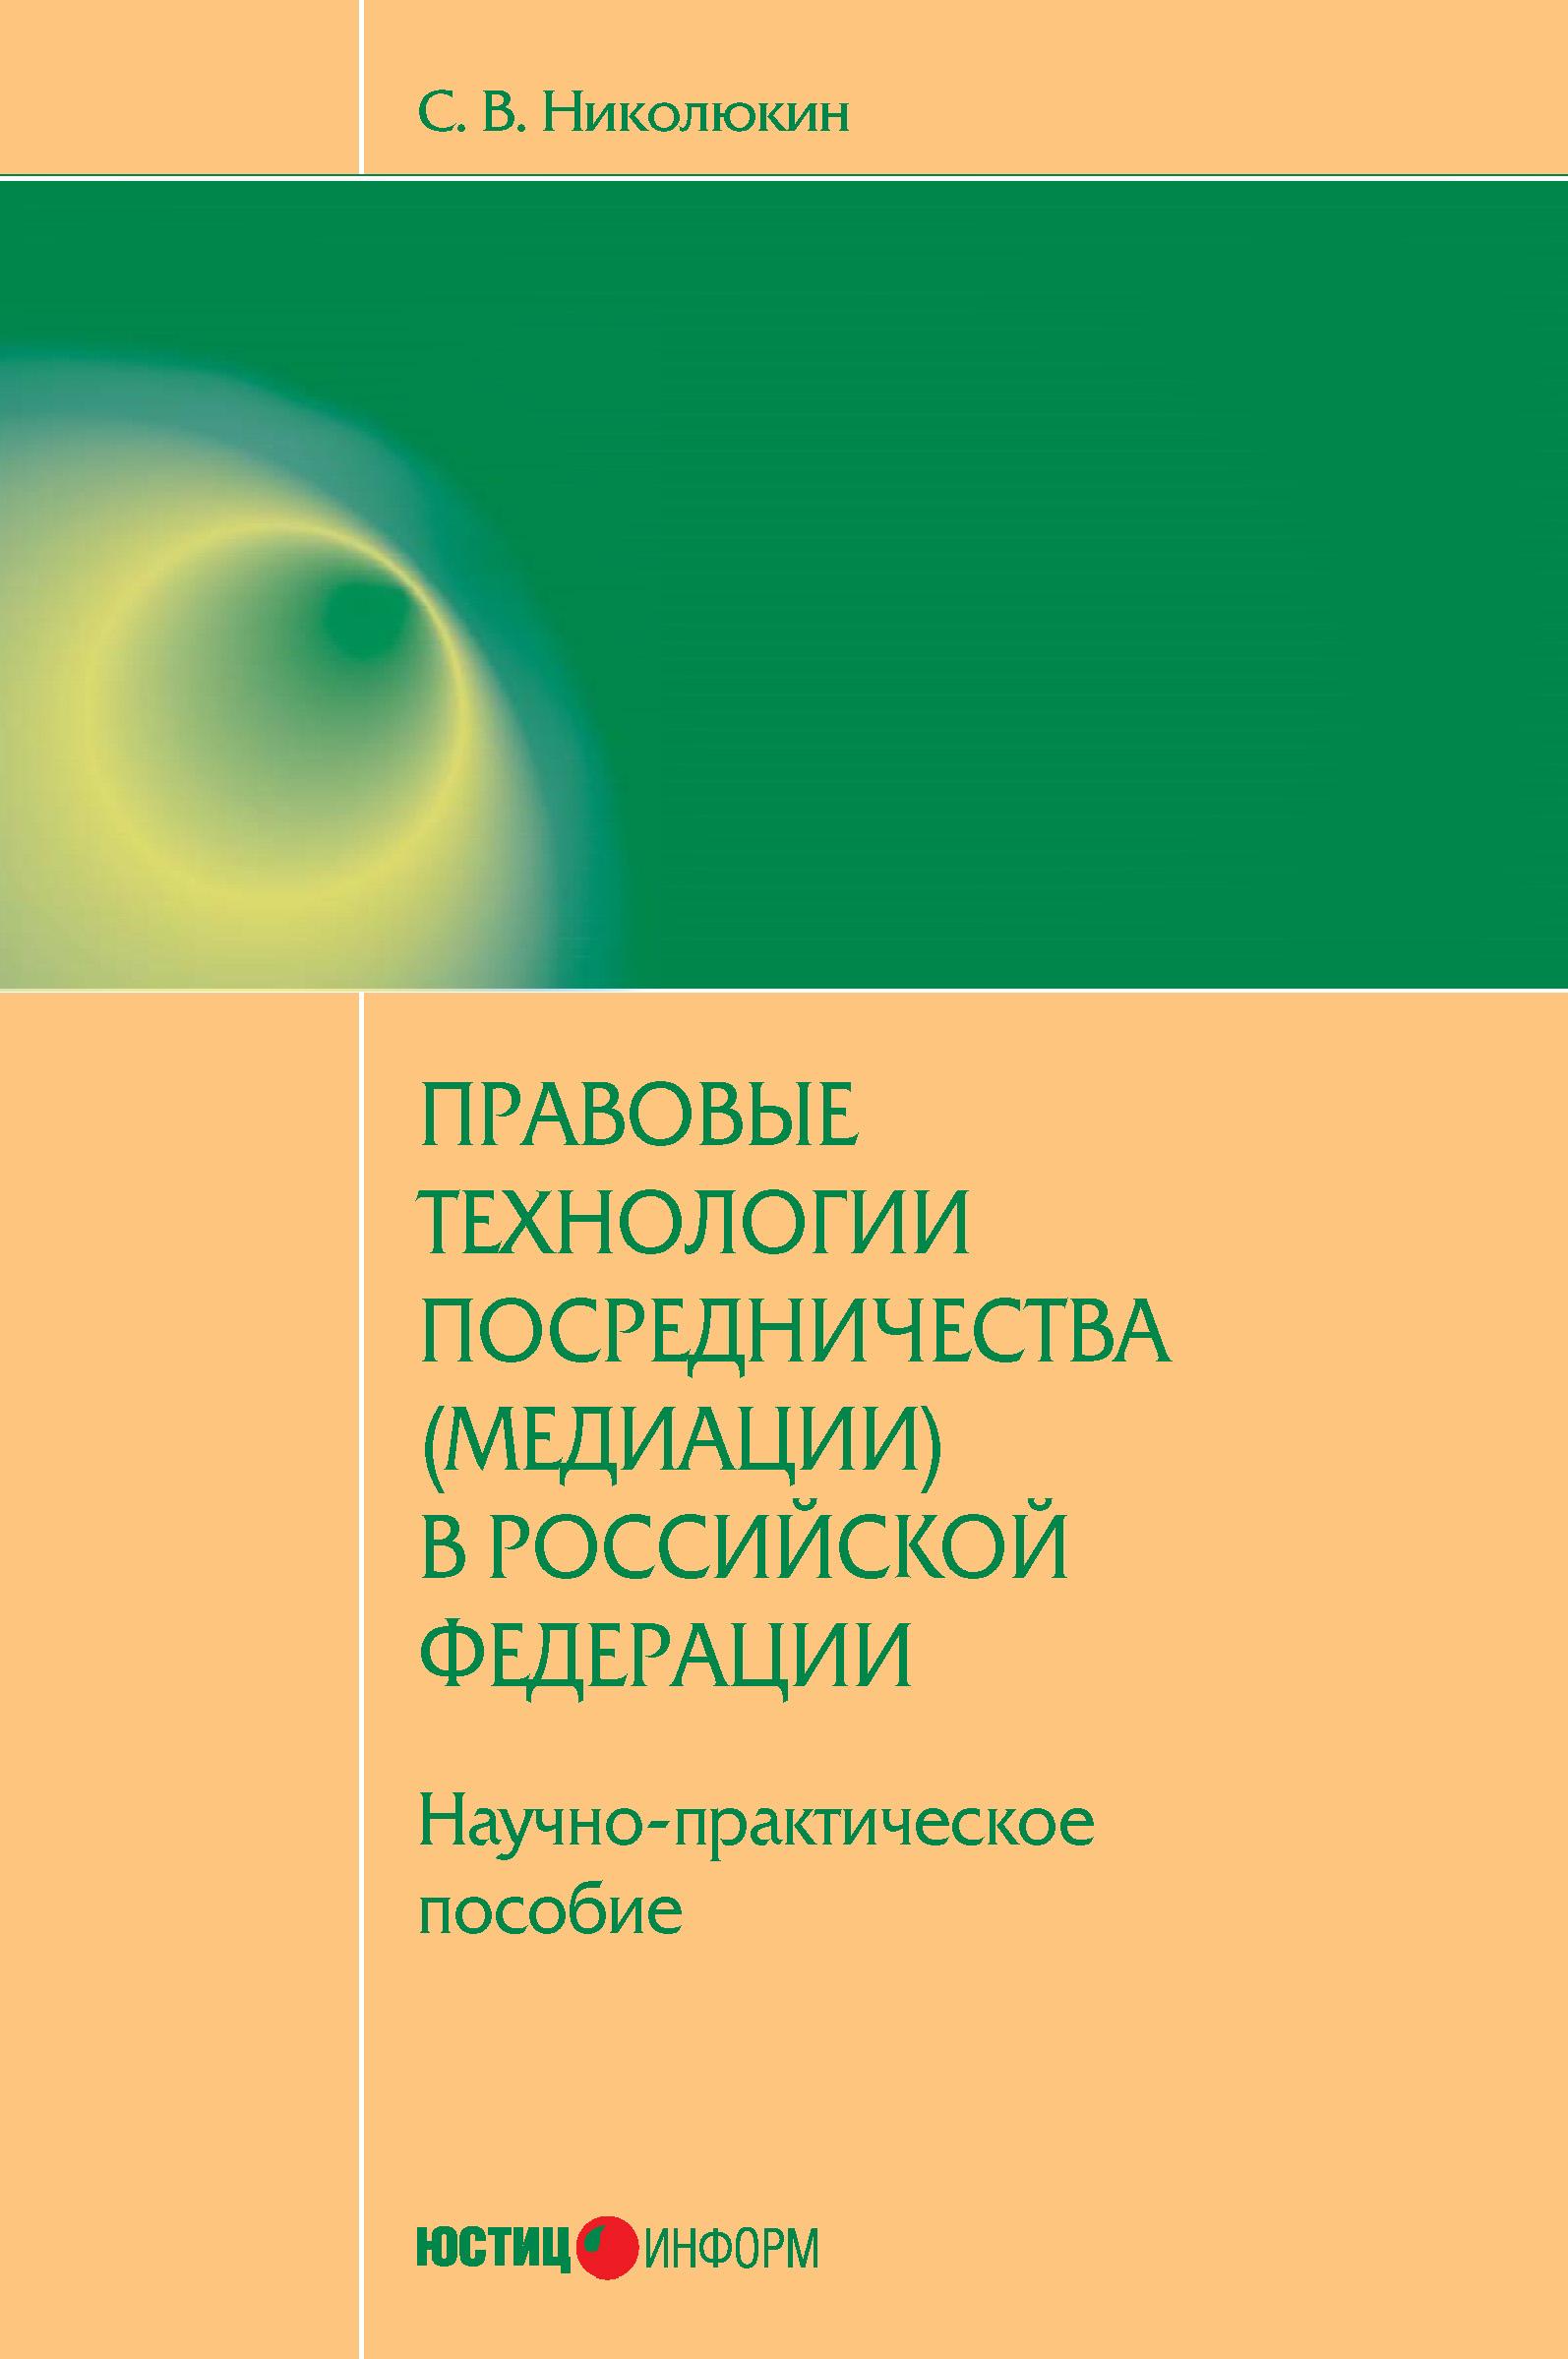 С. В. Николюкин Правовые технологии посредничества (медиации) в Российской Федерации: научно-практическое пособие